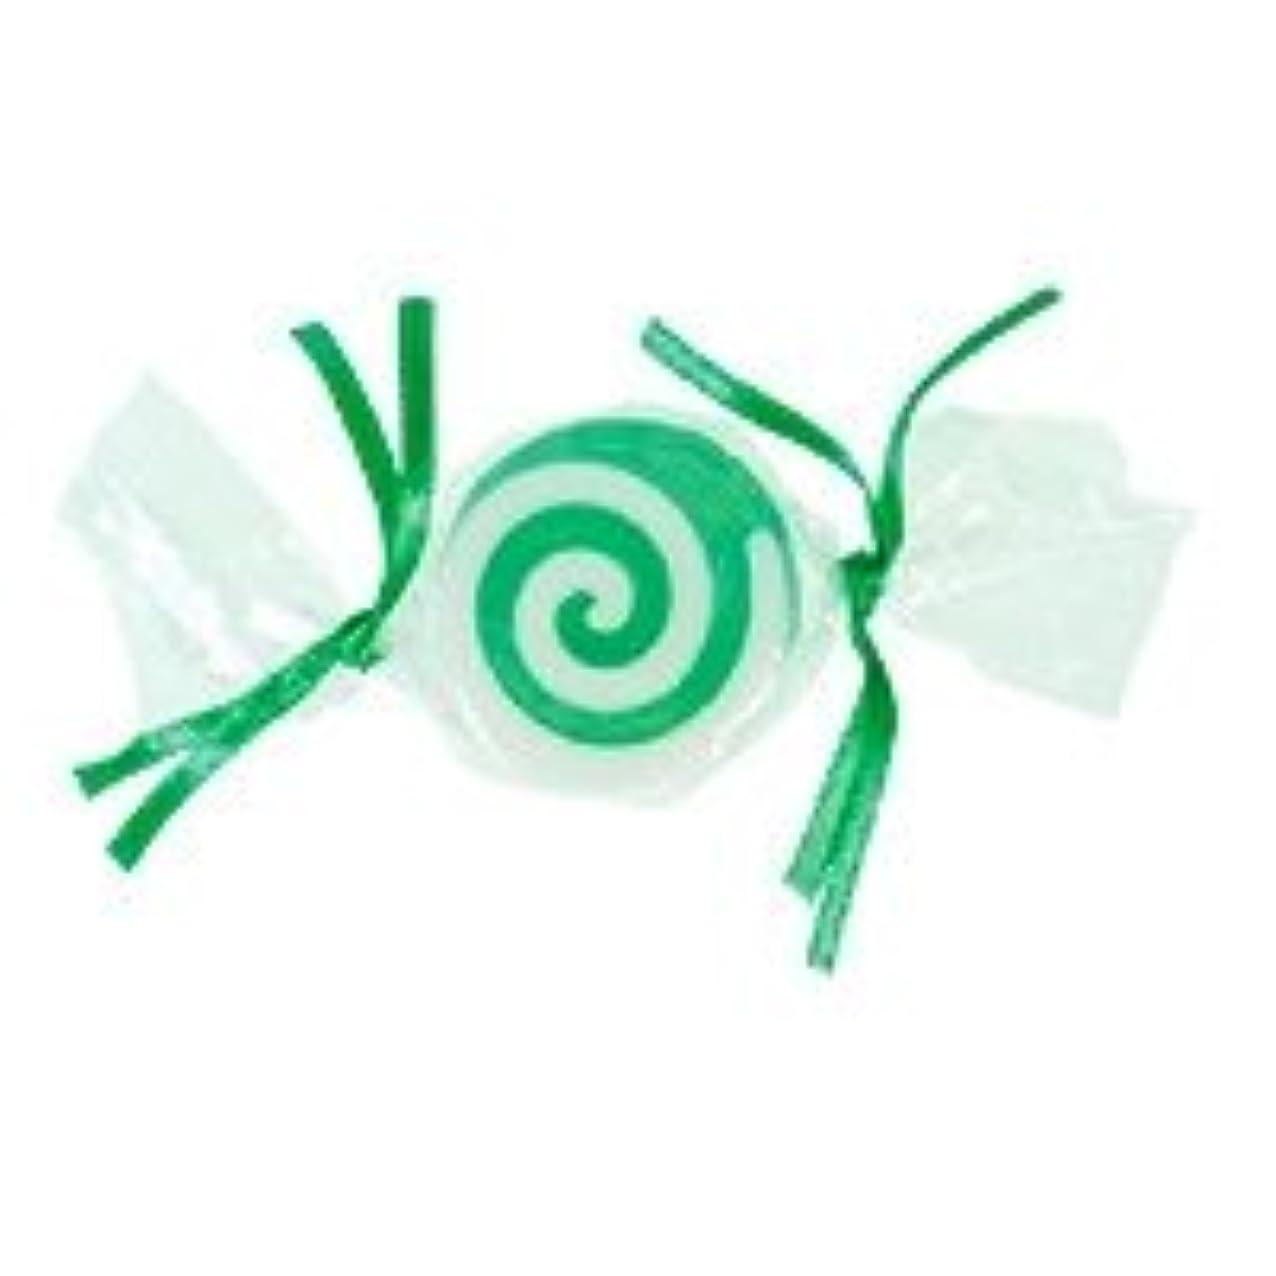 湖委託マイクロベジタブルソープ キャンディ「グリーン」20個セット グリーンアップルの香り